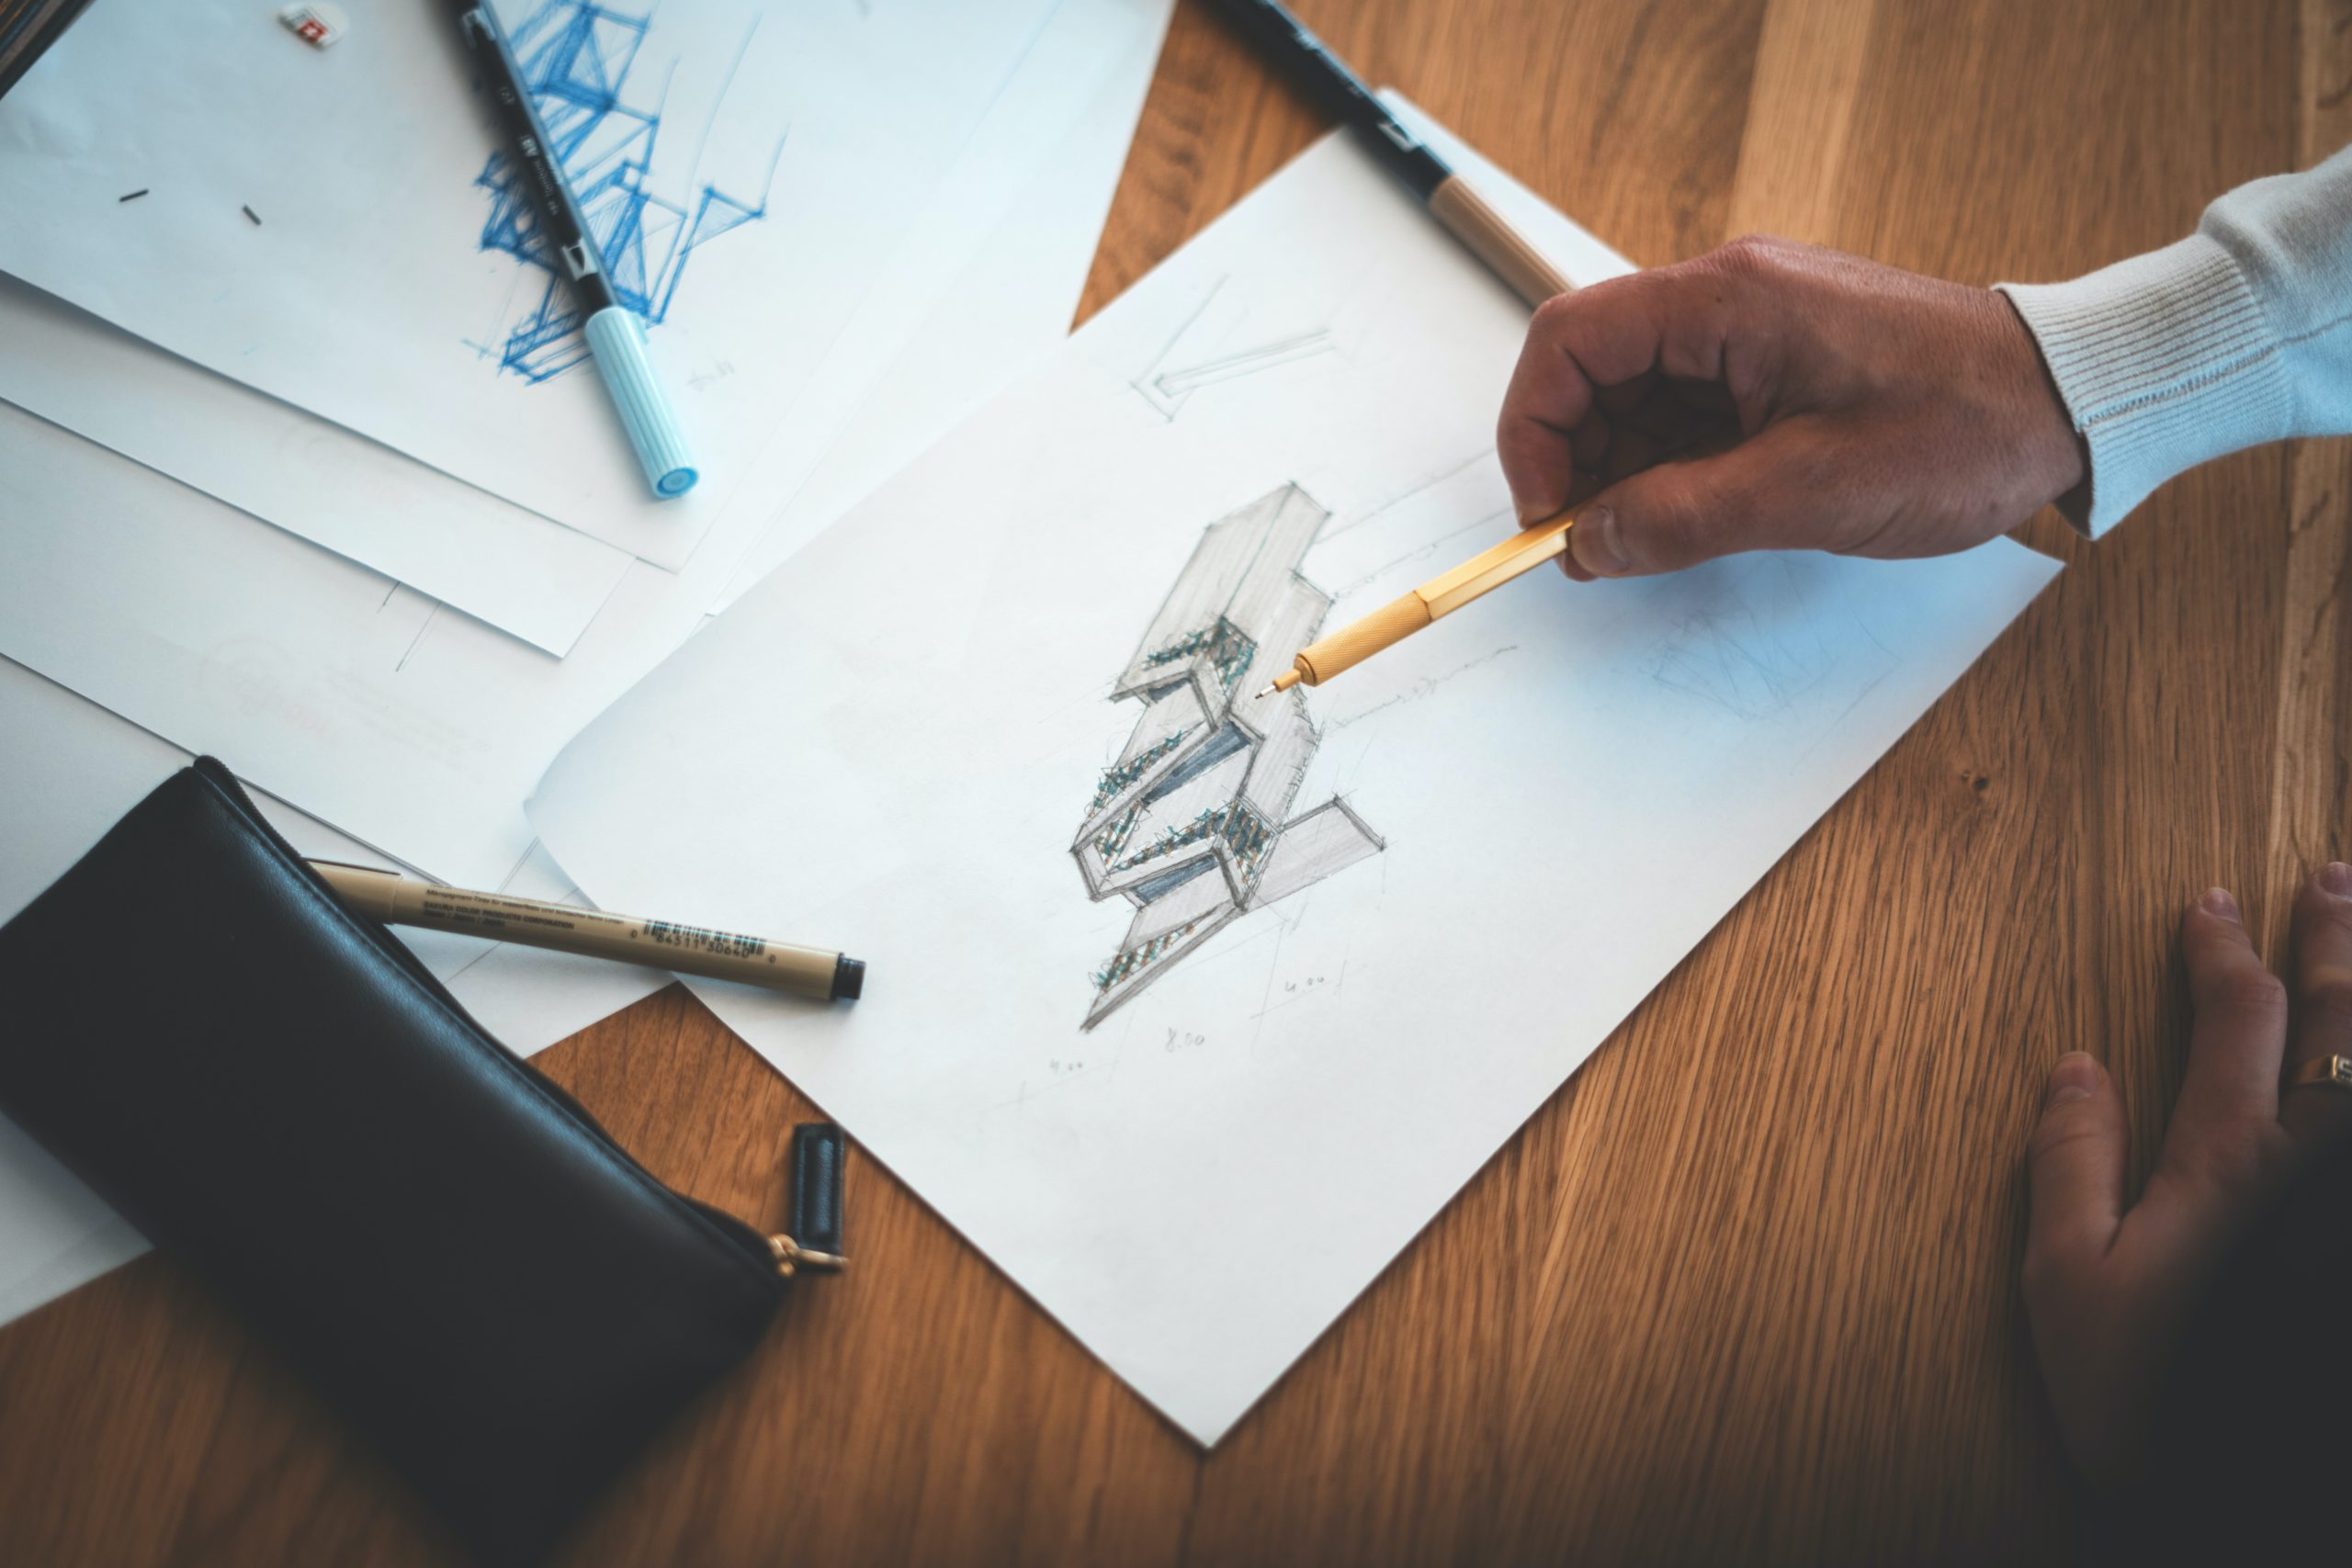 鉛筆スケッチをする人